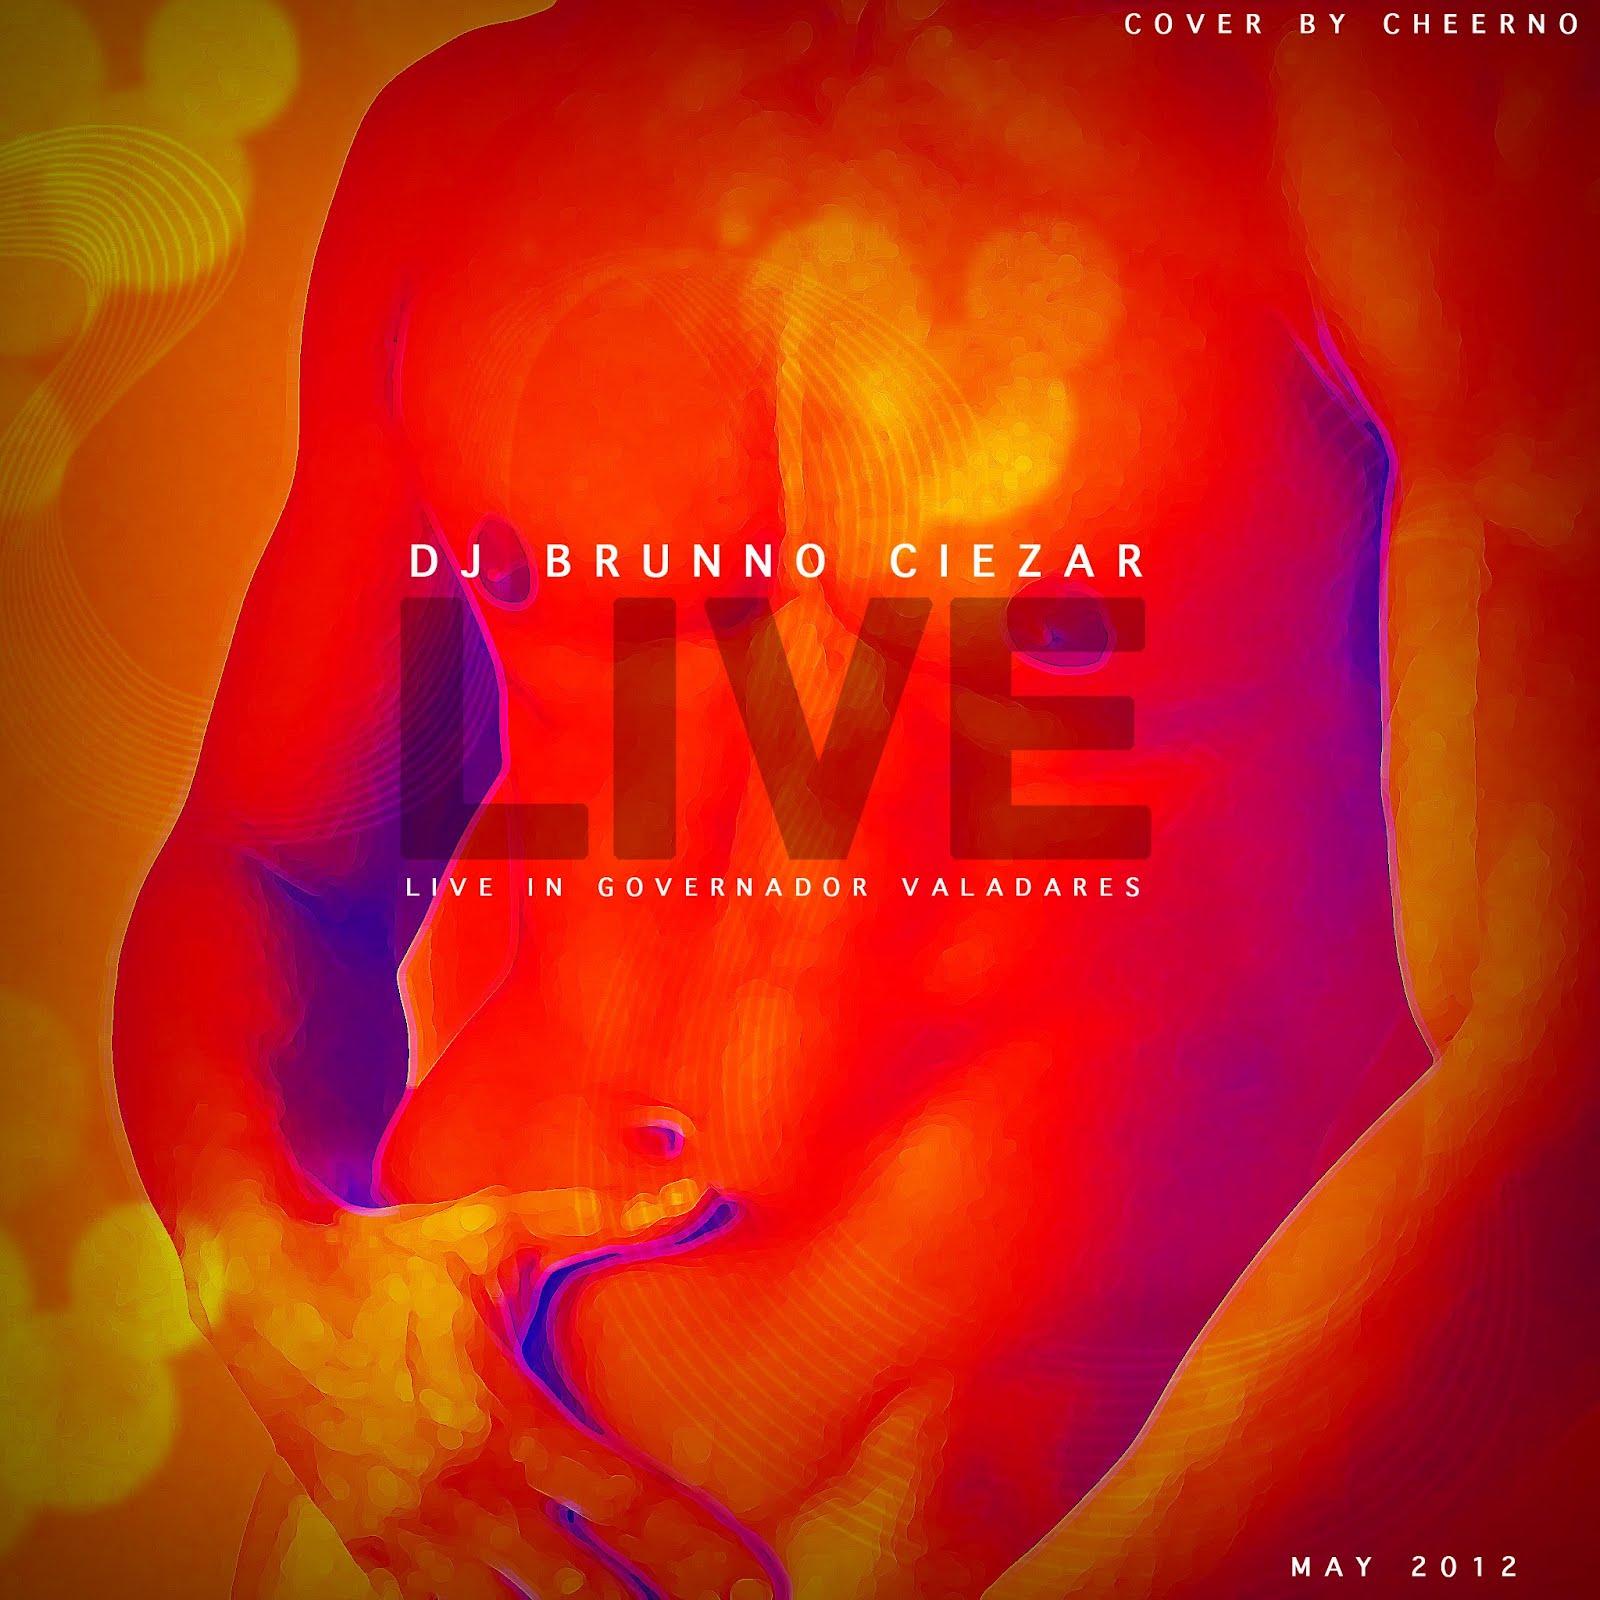 DJ Brunno Ciezar - LIVE